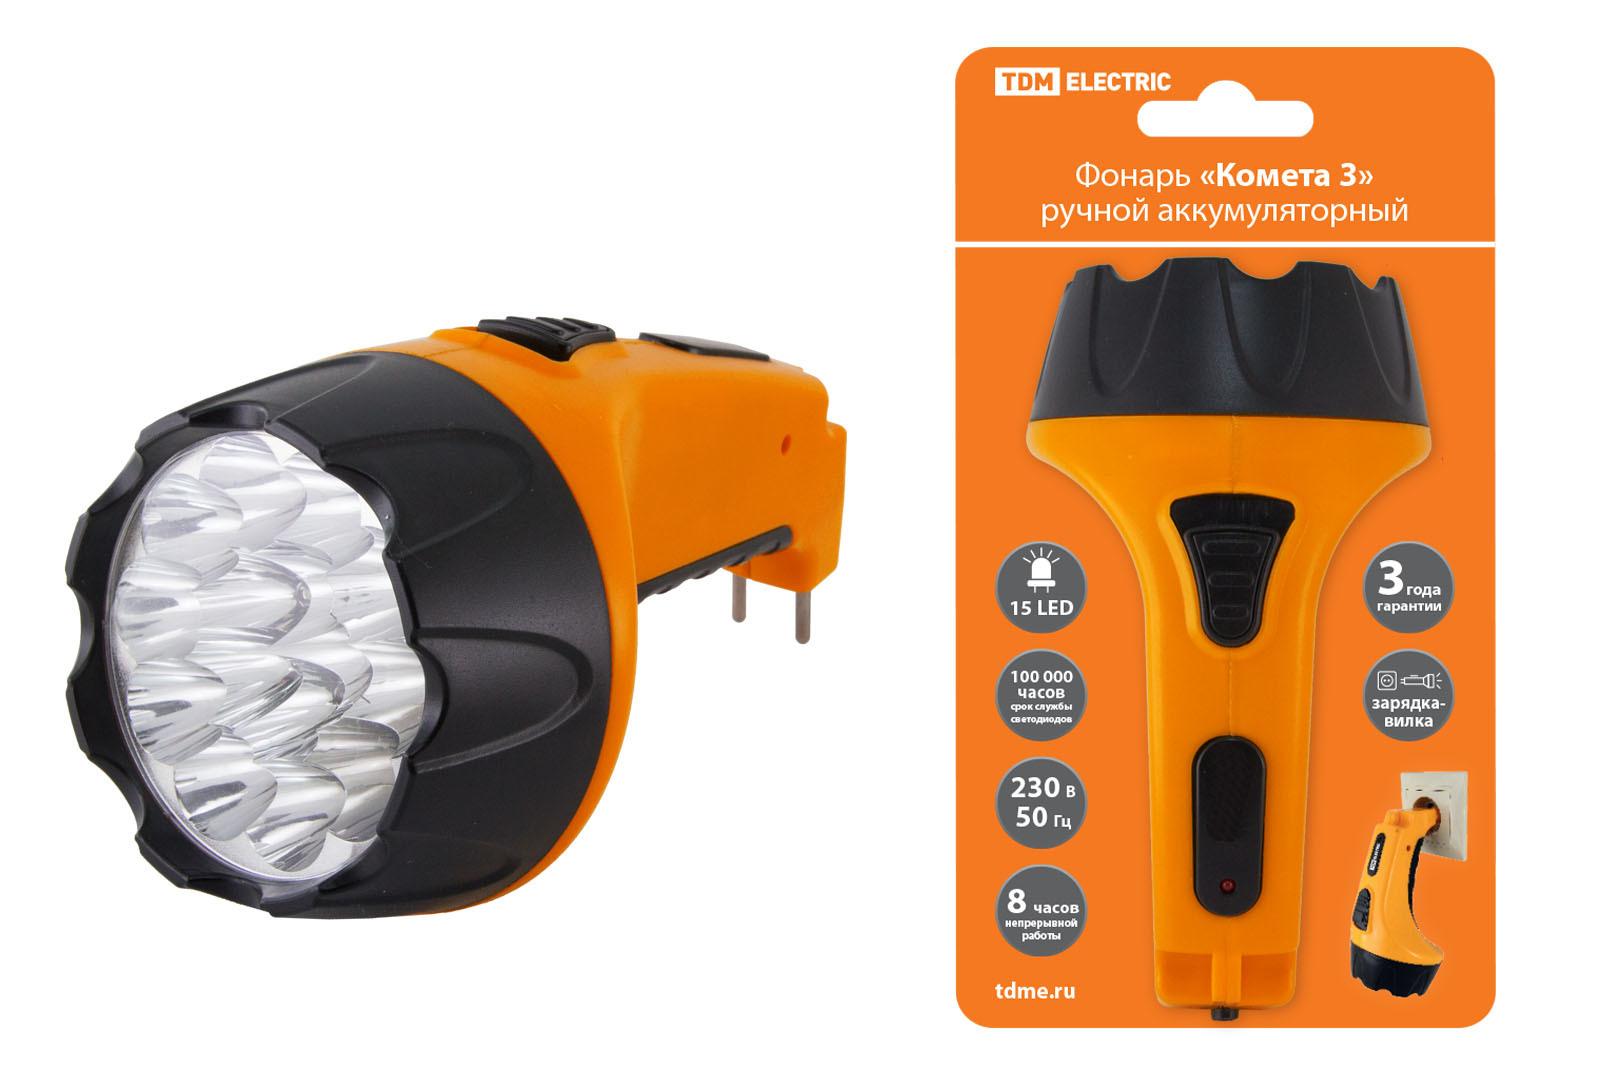 Туристический фонарь TDM Electric Комета 3 оранжевый/черный, 1 режим фото